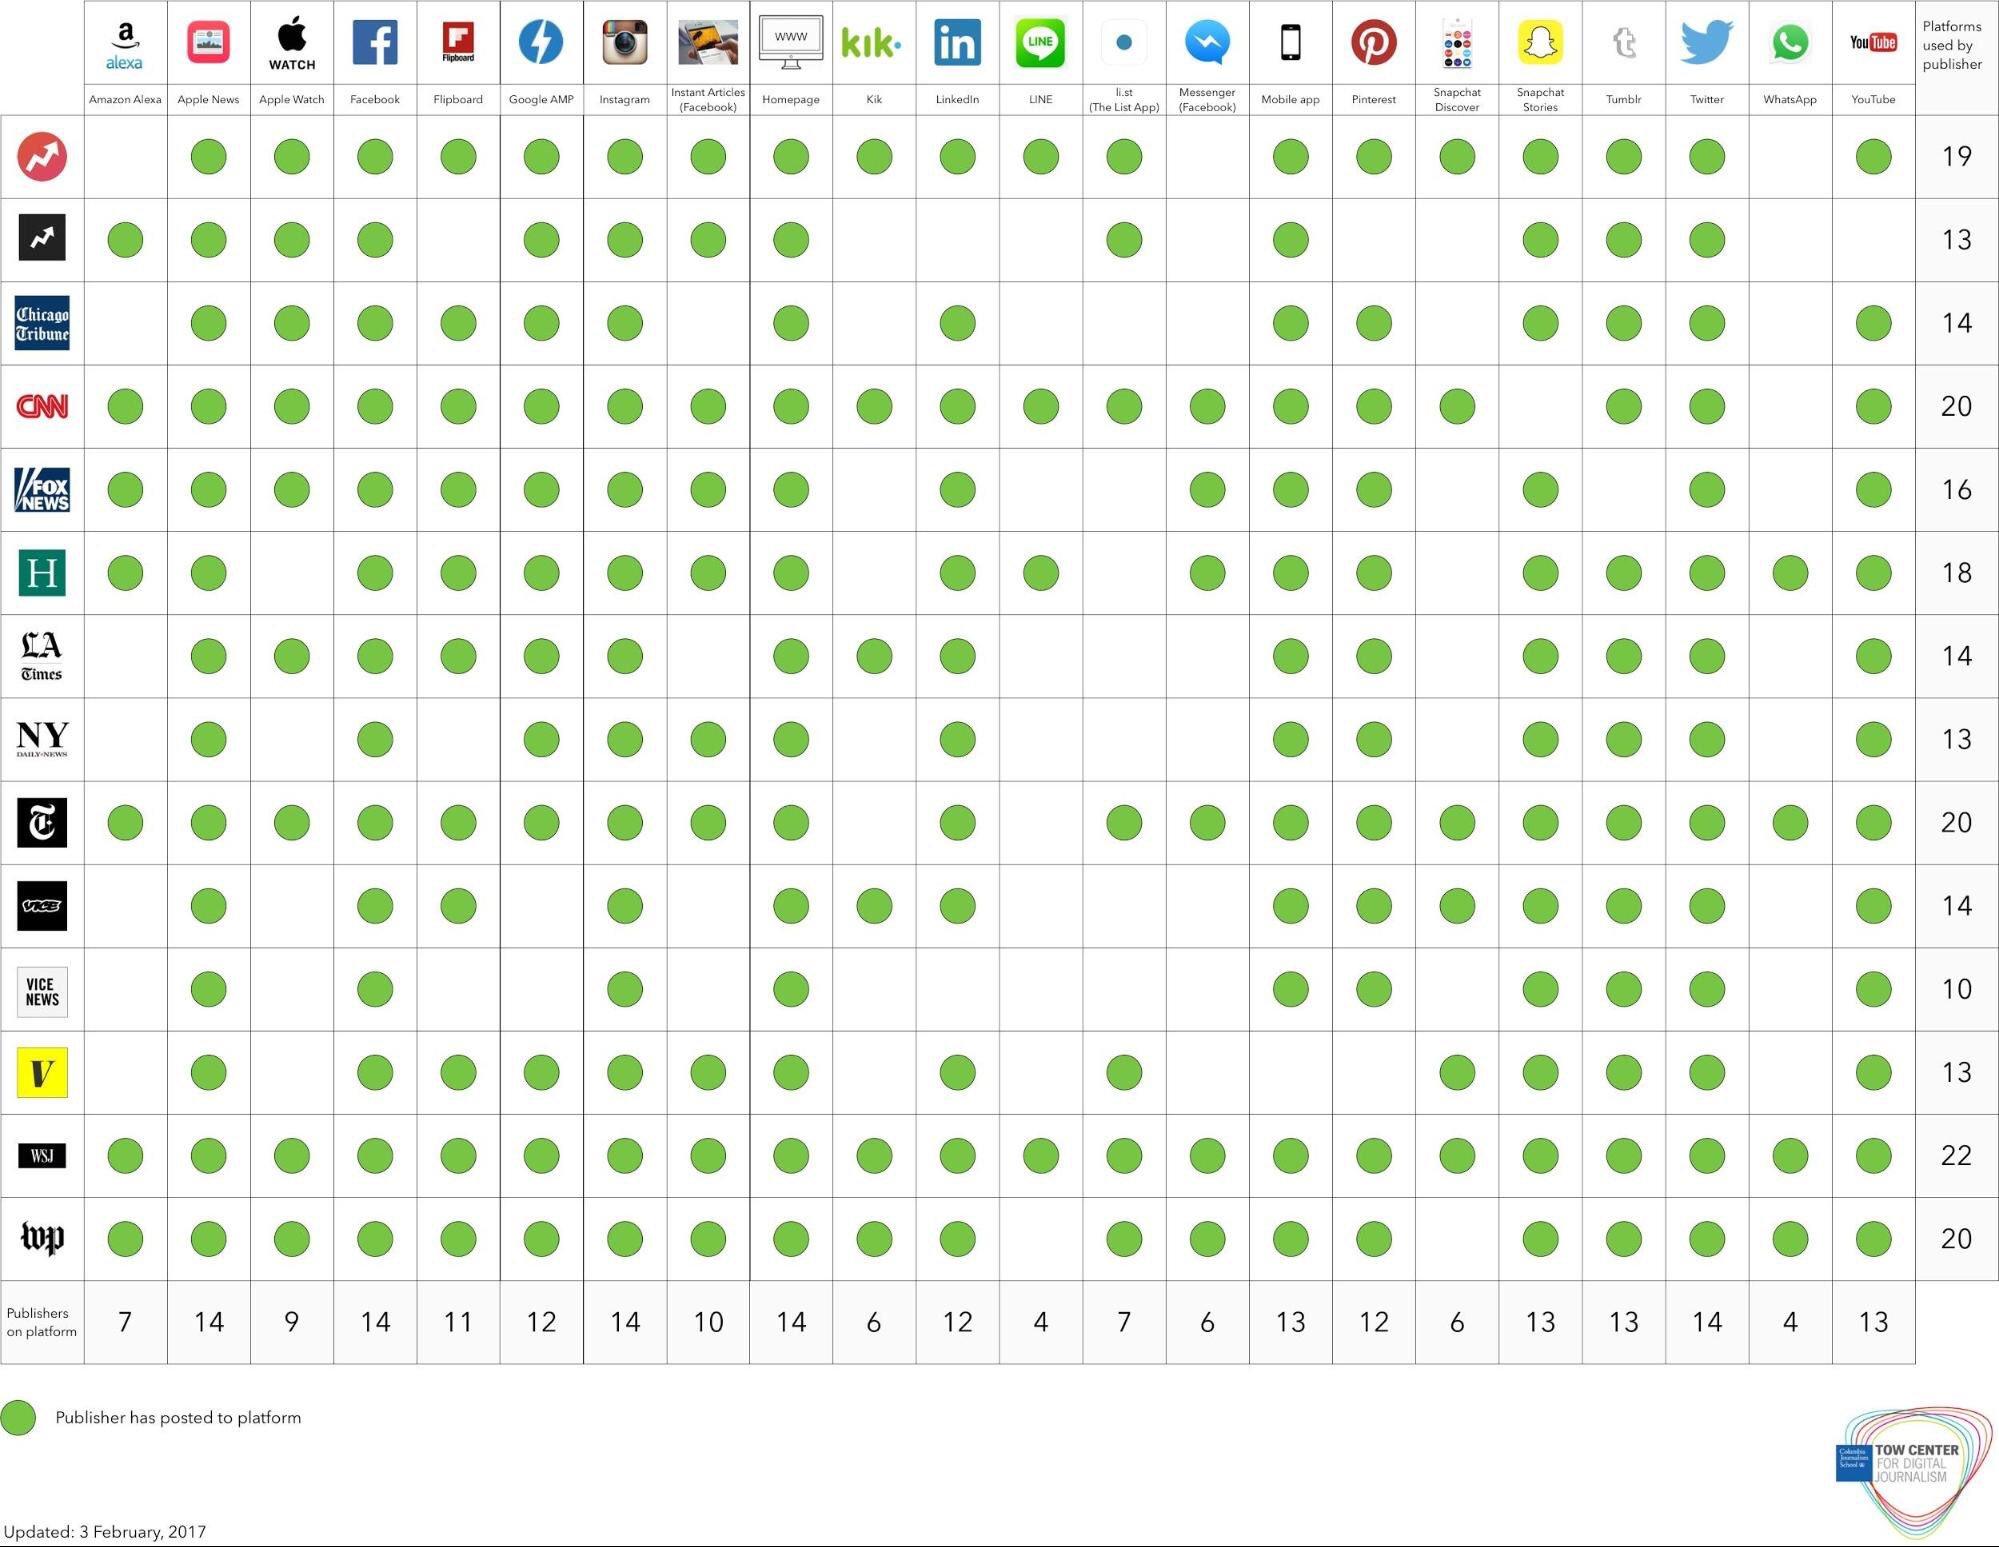 Ek @WSJ publica contenidos en 21 plataformas sociales diferentes. Las tareas de edición hoy. https://t.co/frJzCFa8ND https://t.co/YmR2B39ES6